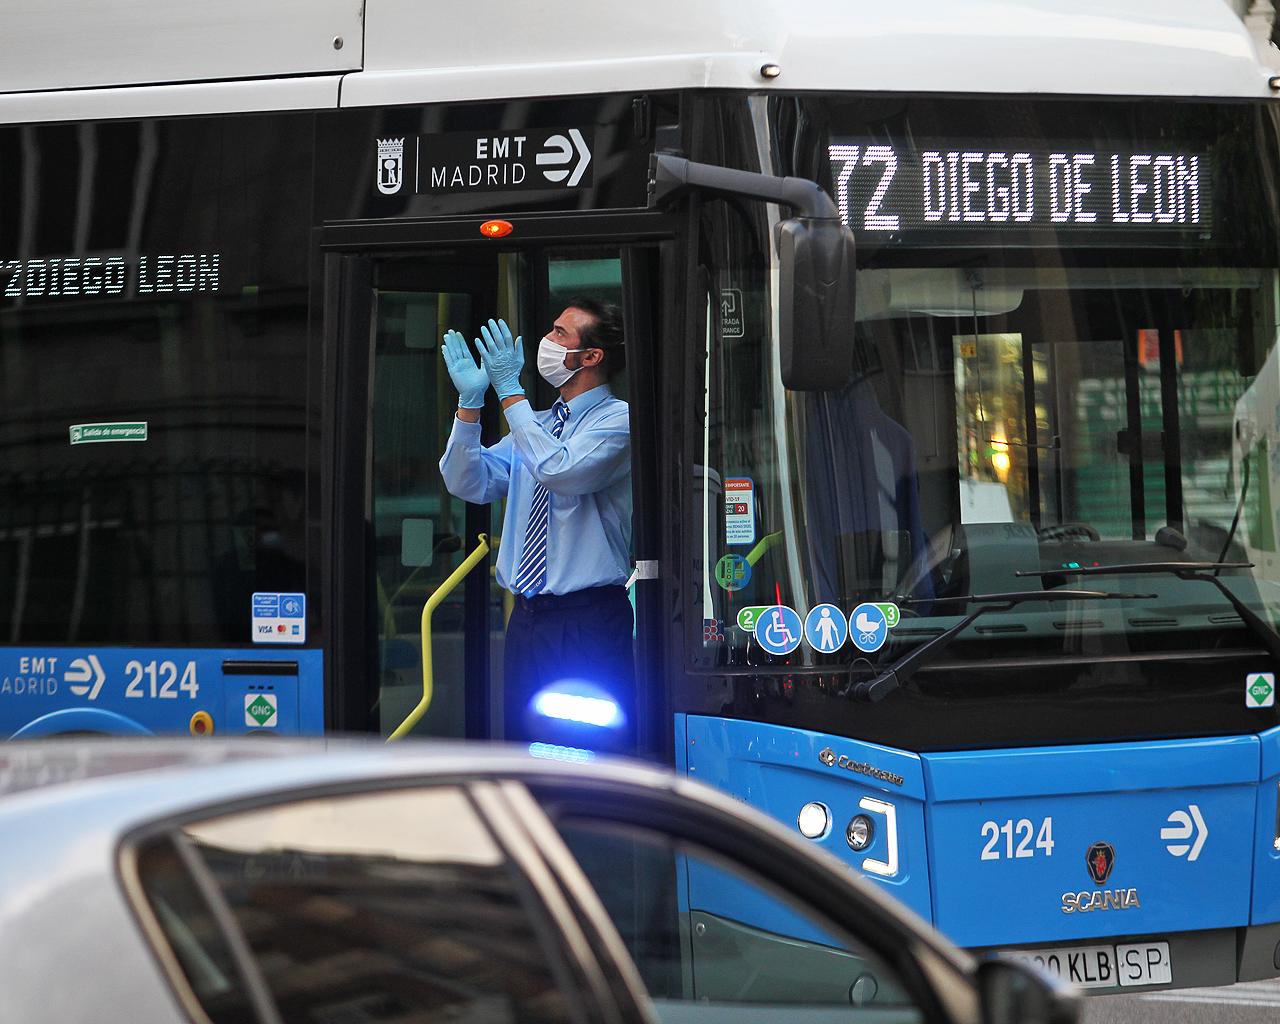 Un conductor de la EMT aplaude a las ocho de la tarde. Madrid. 14/04/2020.